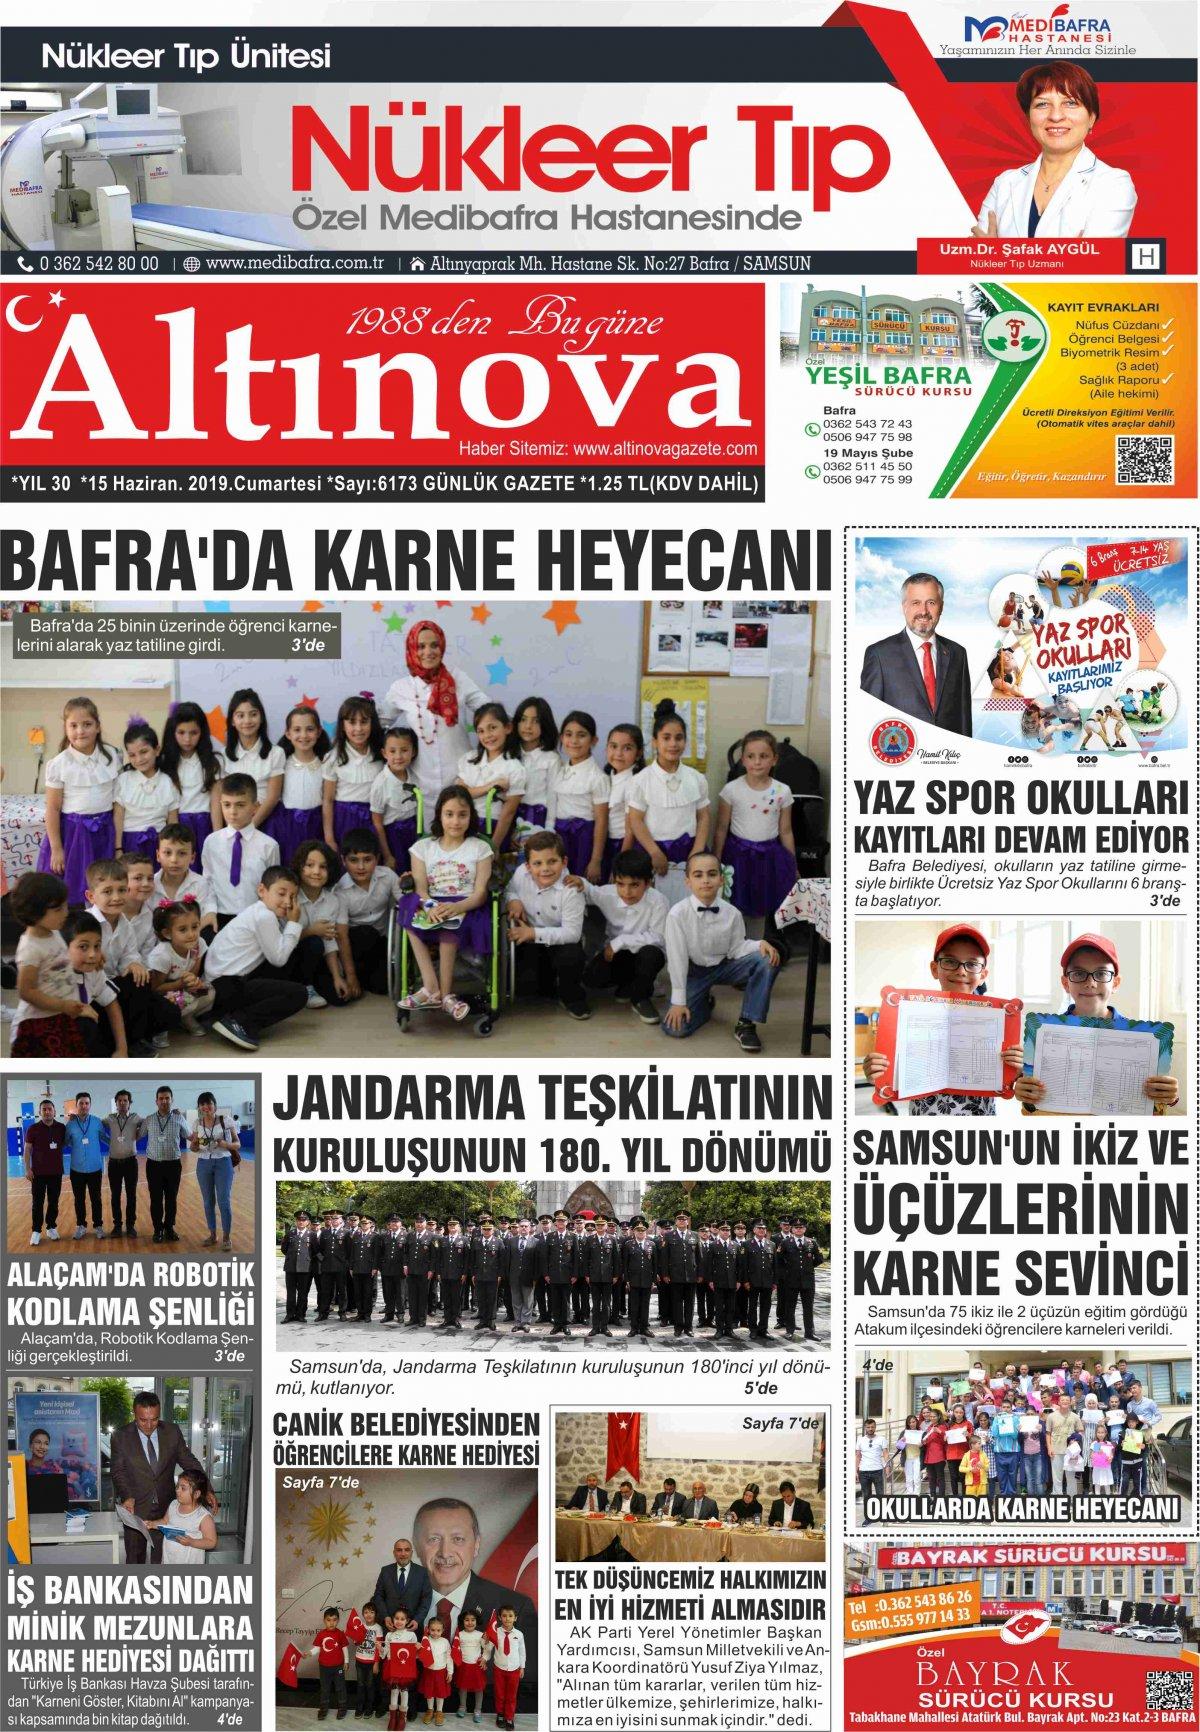 Samsun Bafra Haberleri | Samsun Haberleri - Haber, Haberler - 15.06.2019 Manşeti